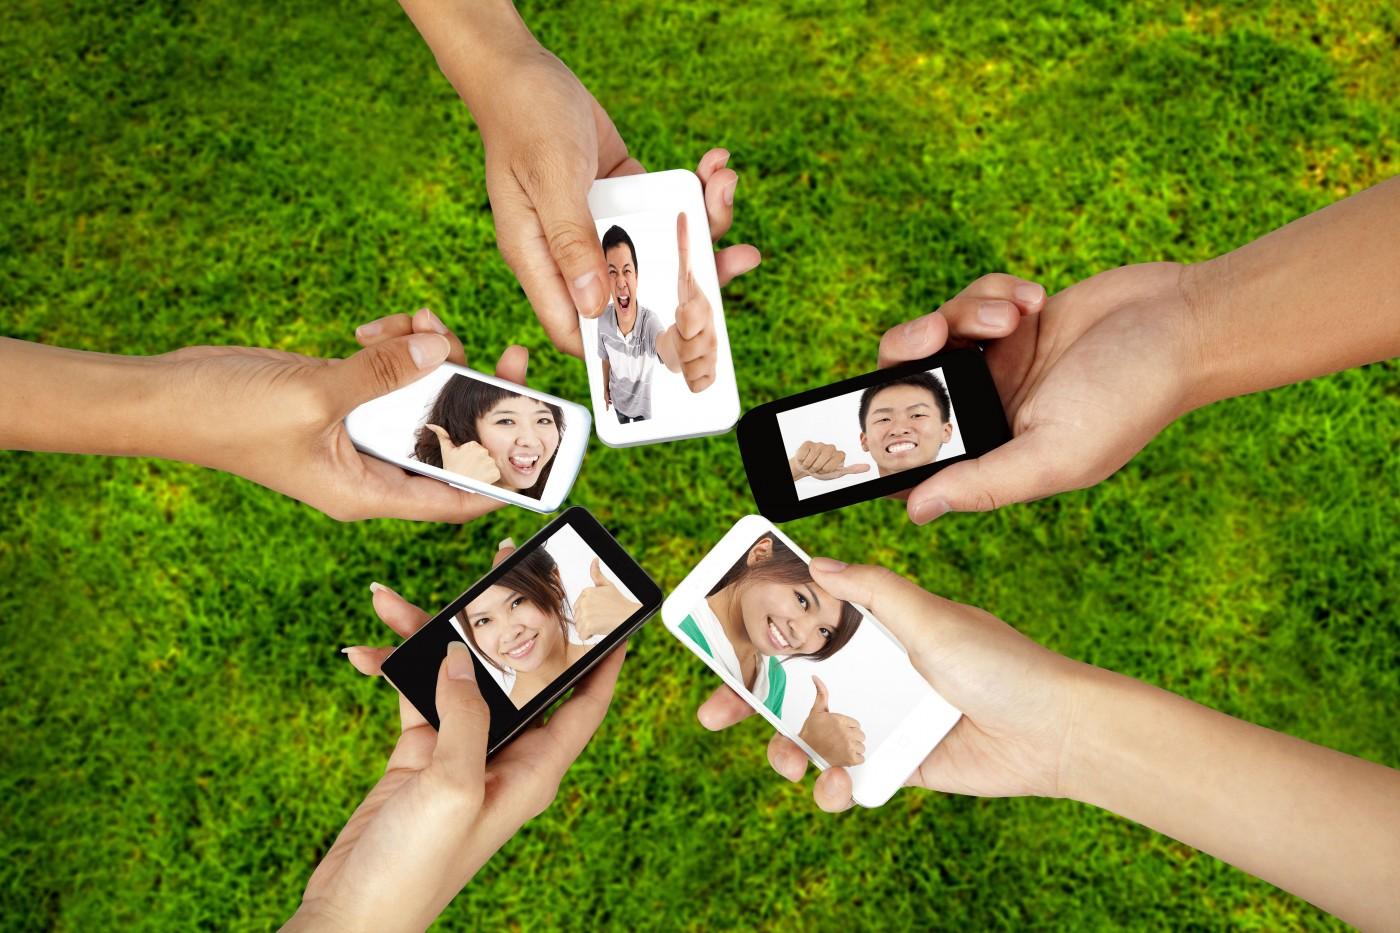 速食愛情當道?網路世代更獨立、更晚婚